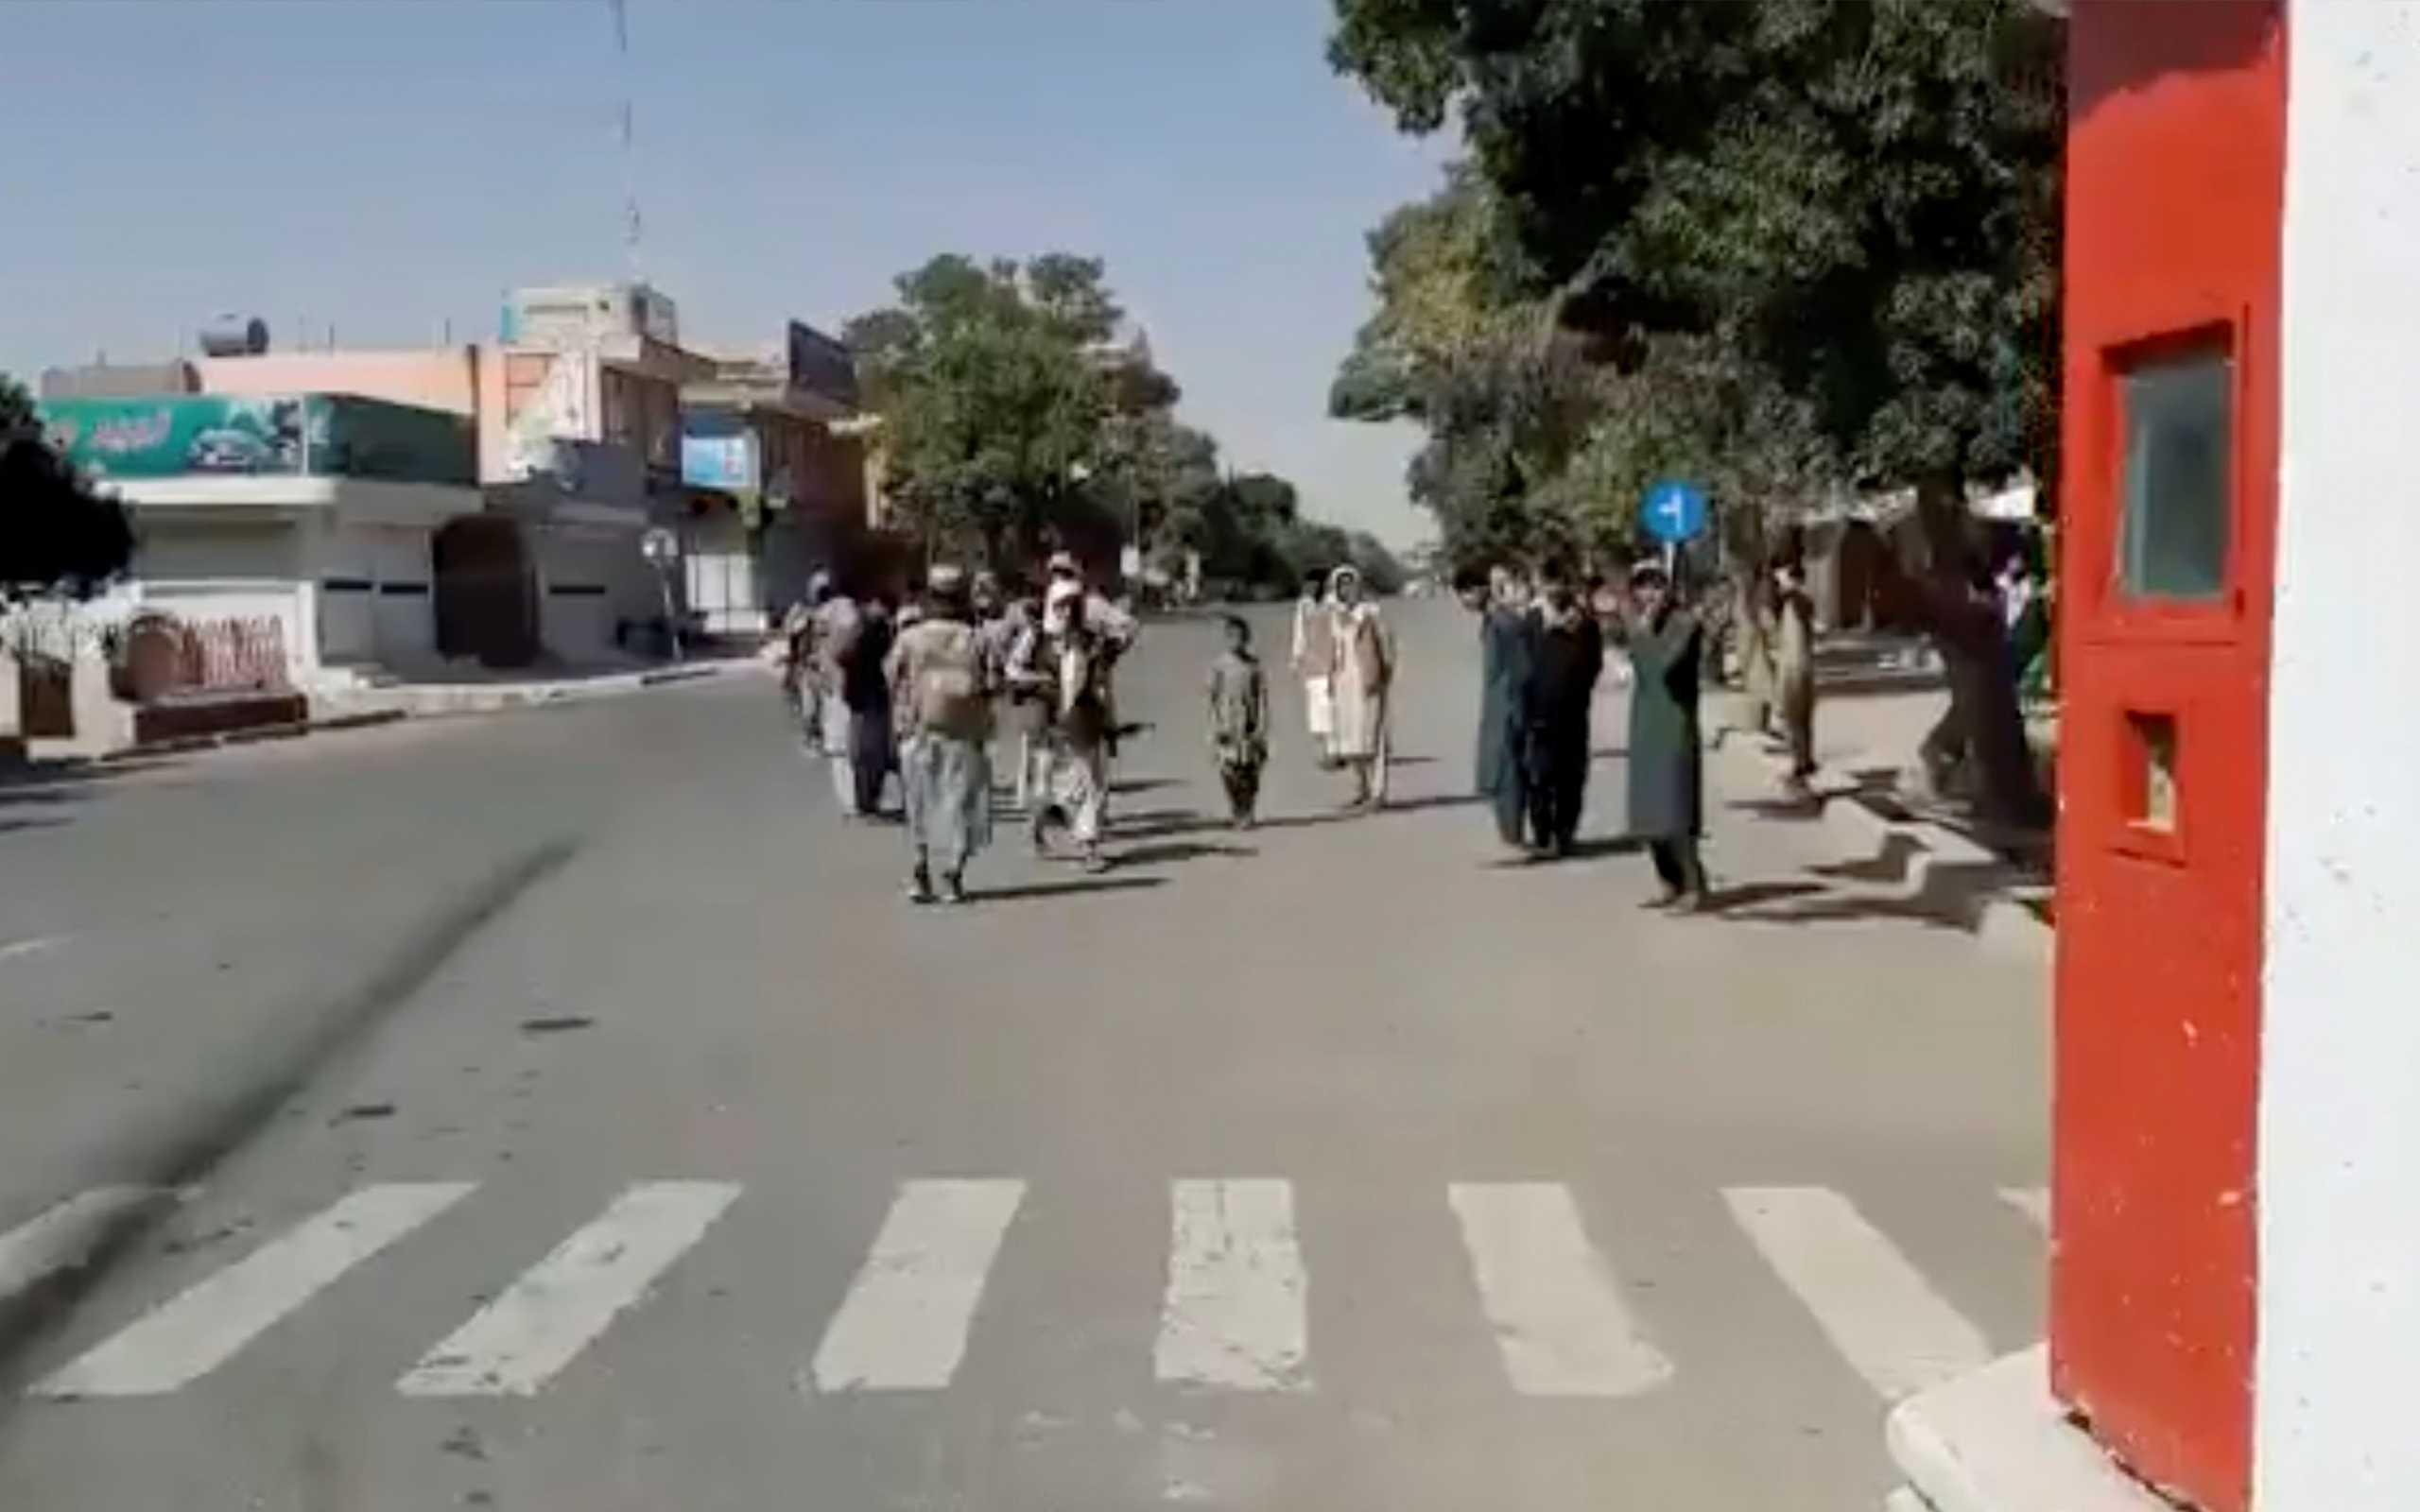 Αφγανιστάν: Πλησιάζουν την Καμπούλ οι Ταλιμπάν – Κατέλαβαν πόλη σε κοντινή απόσταση